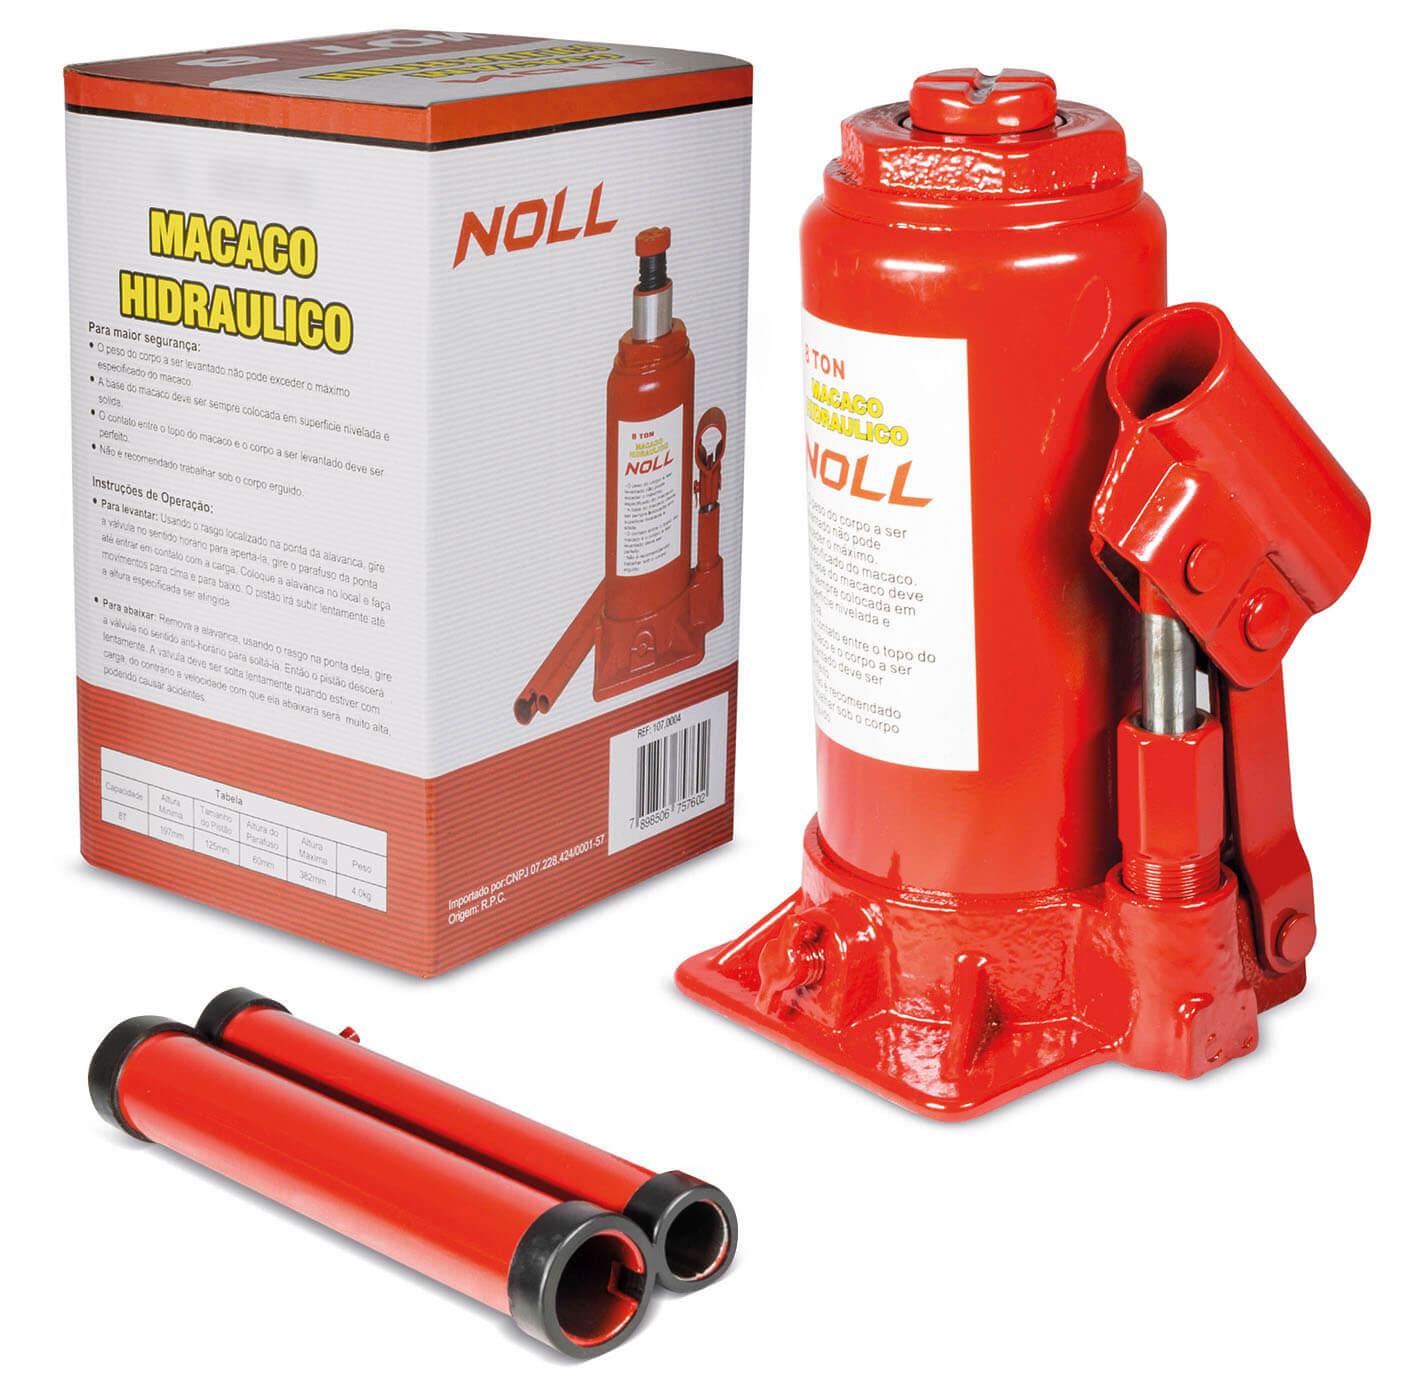 Macaco hidráulico tipo garrafa 50 toneladas - Noll